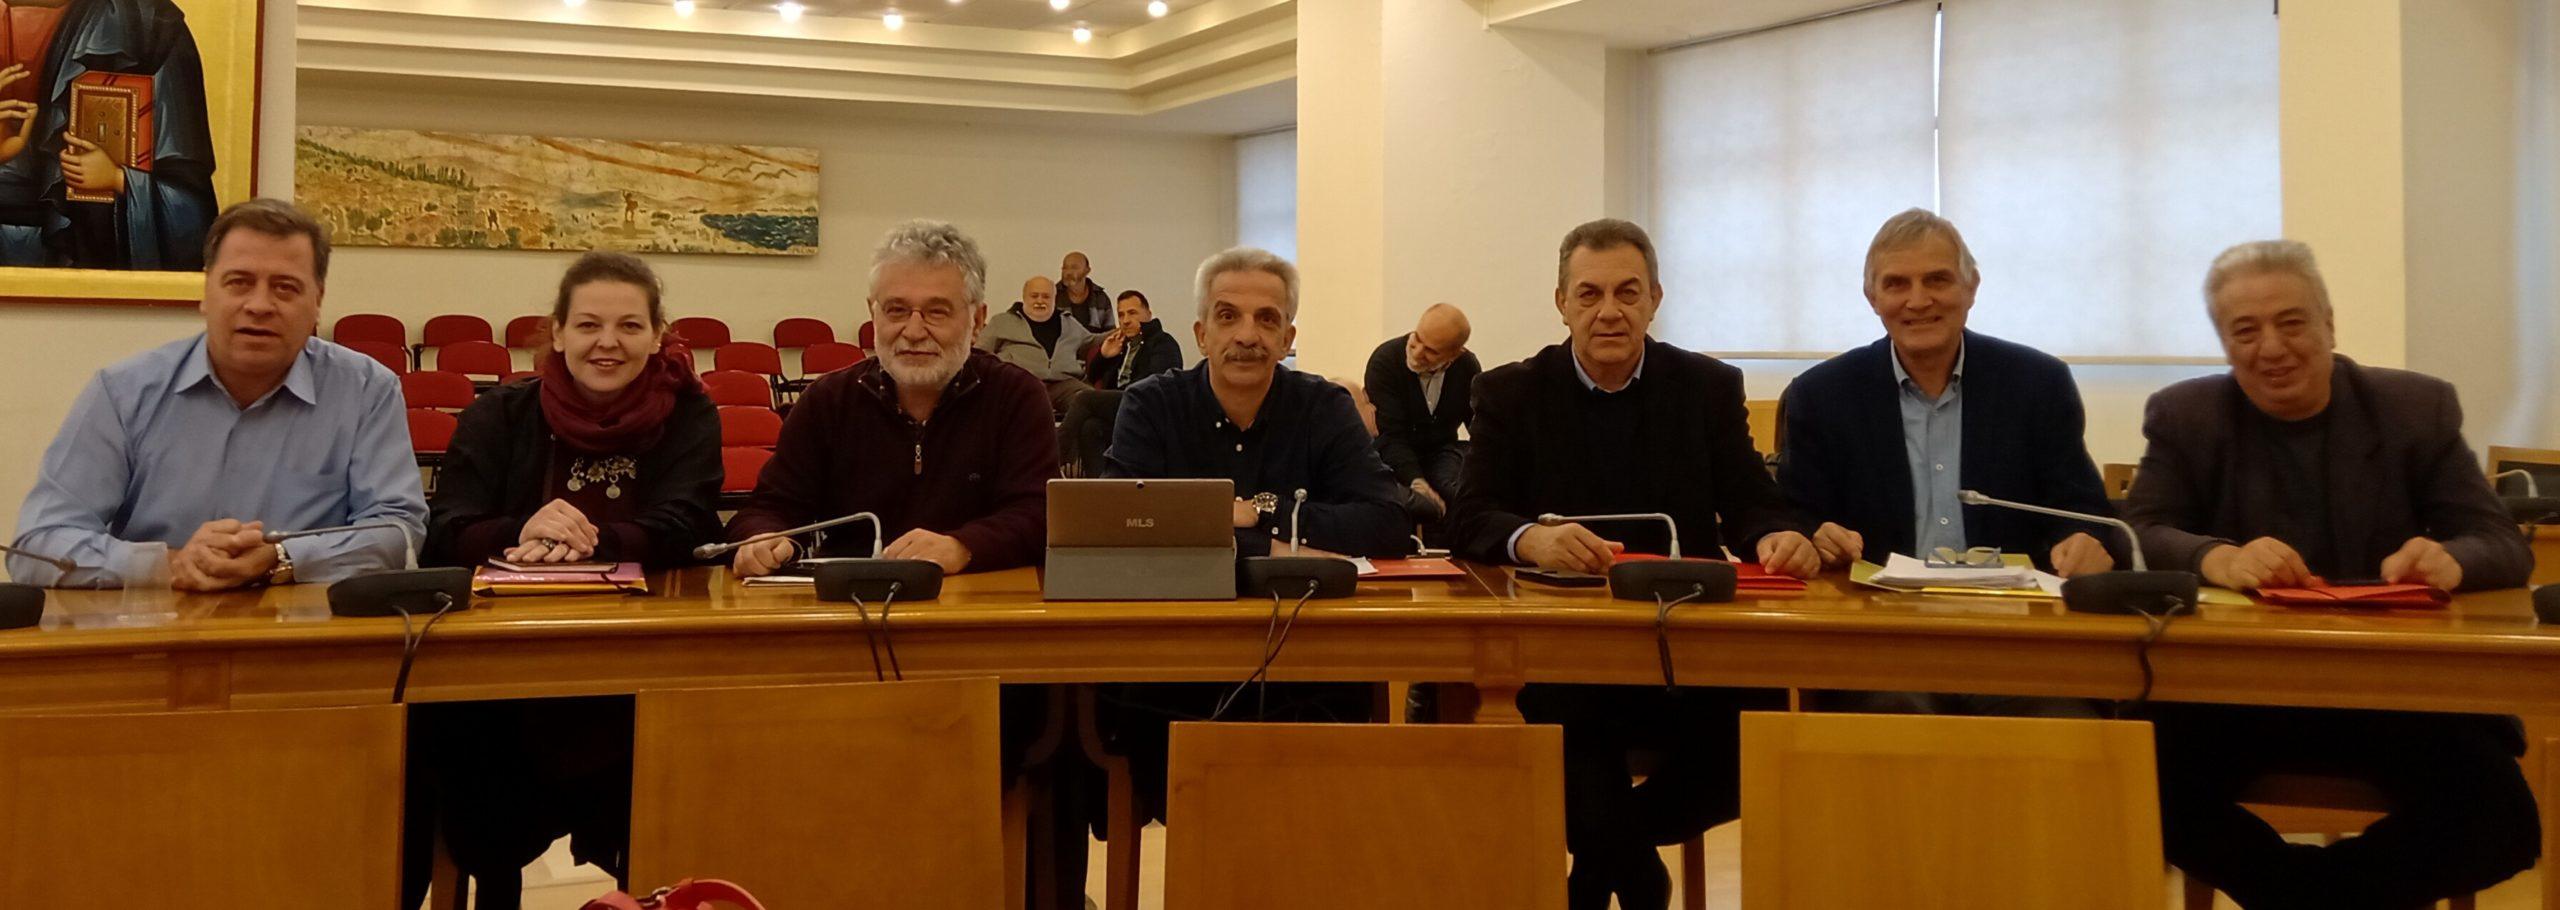 , Η «Στερεά… Υπεροχής!» για την τελευταία συνεδρίαση, έτους 2019,  του Περιφερειακού Συμβουλίου., Eviathema.gr | Εύβοια Τοπ Νέα Ειδήσεις